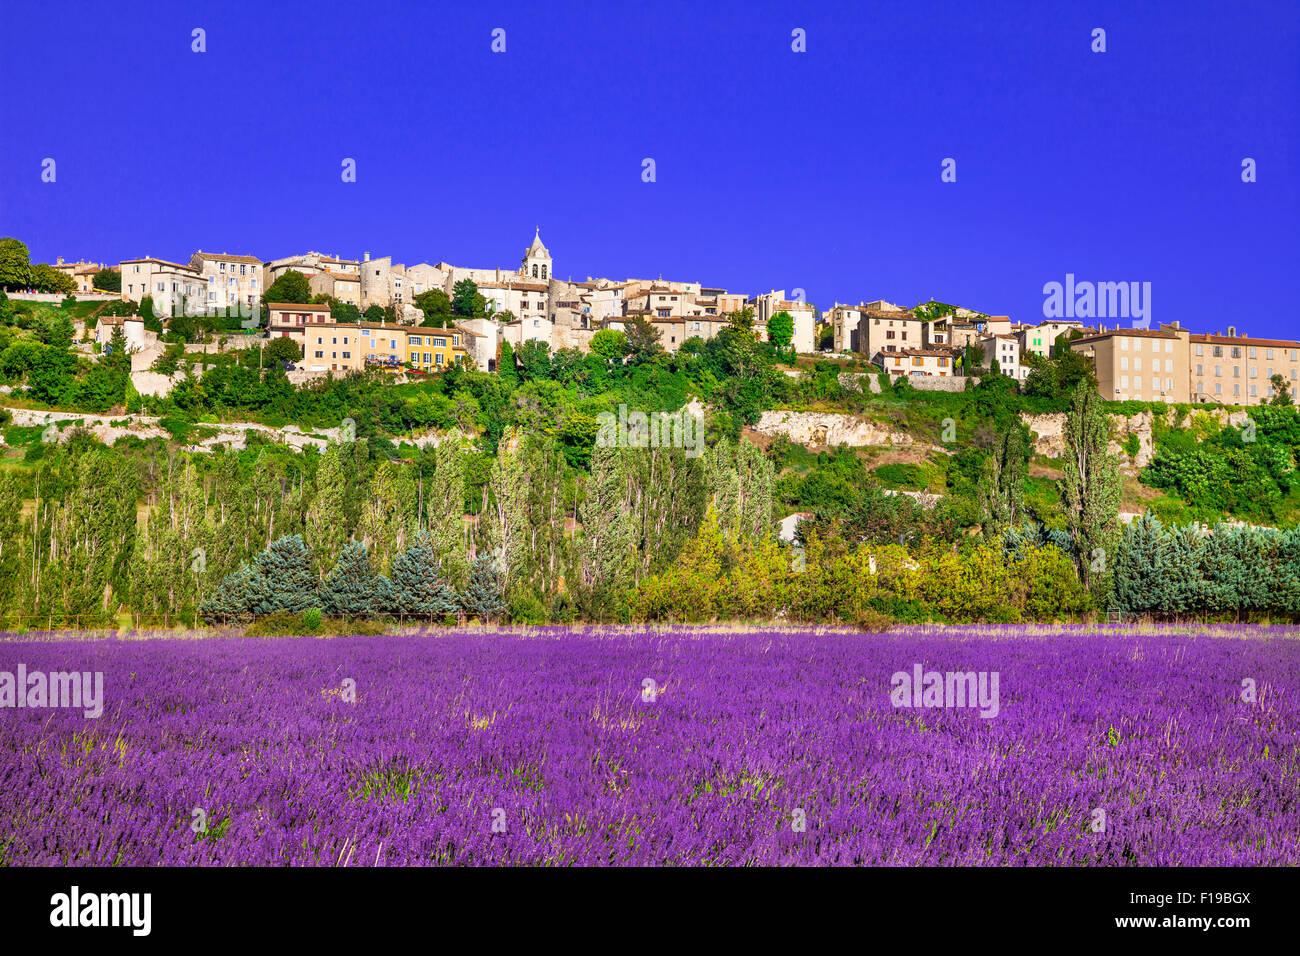 Impresionante sault village, vista con campos de lavanda,provence,Francia. Imagen De Stock